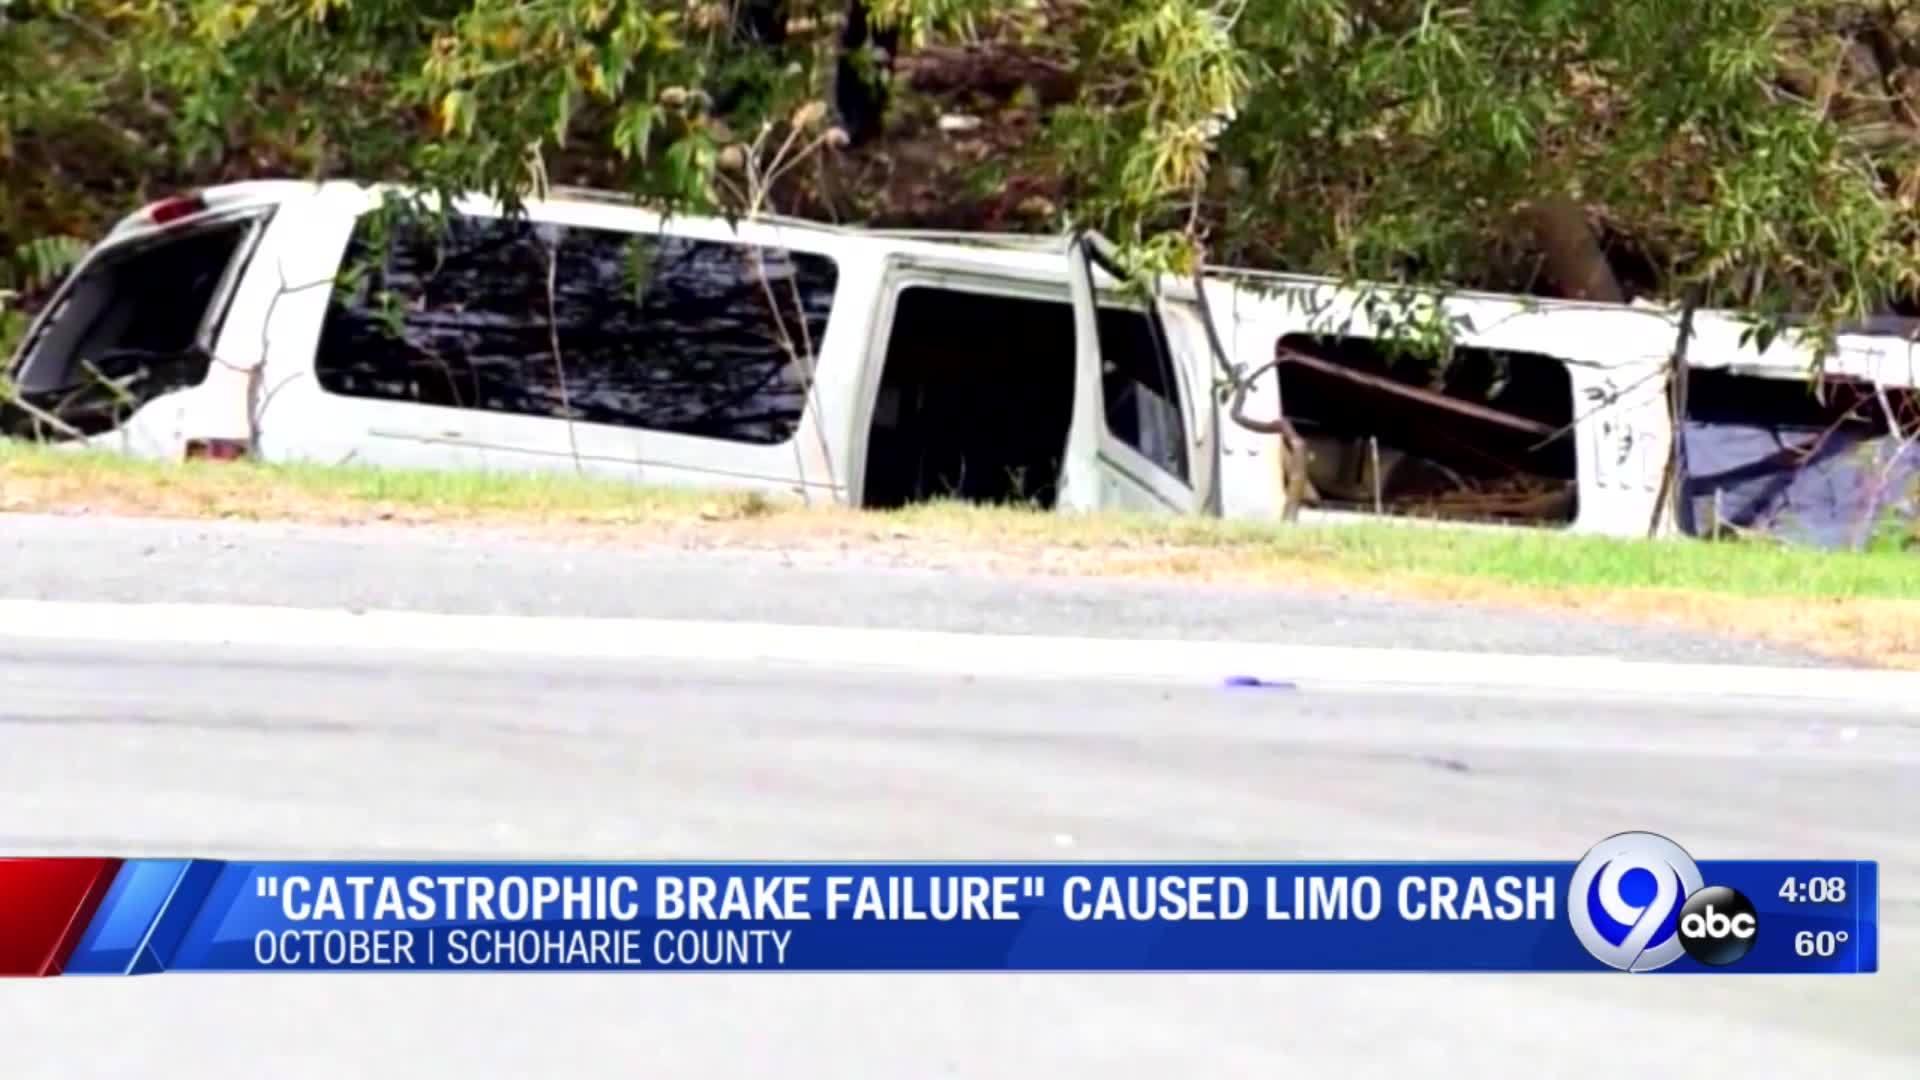 ___Catastrophic_brake_failure____the_cau_5_20190529201535